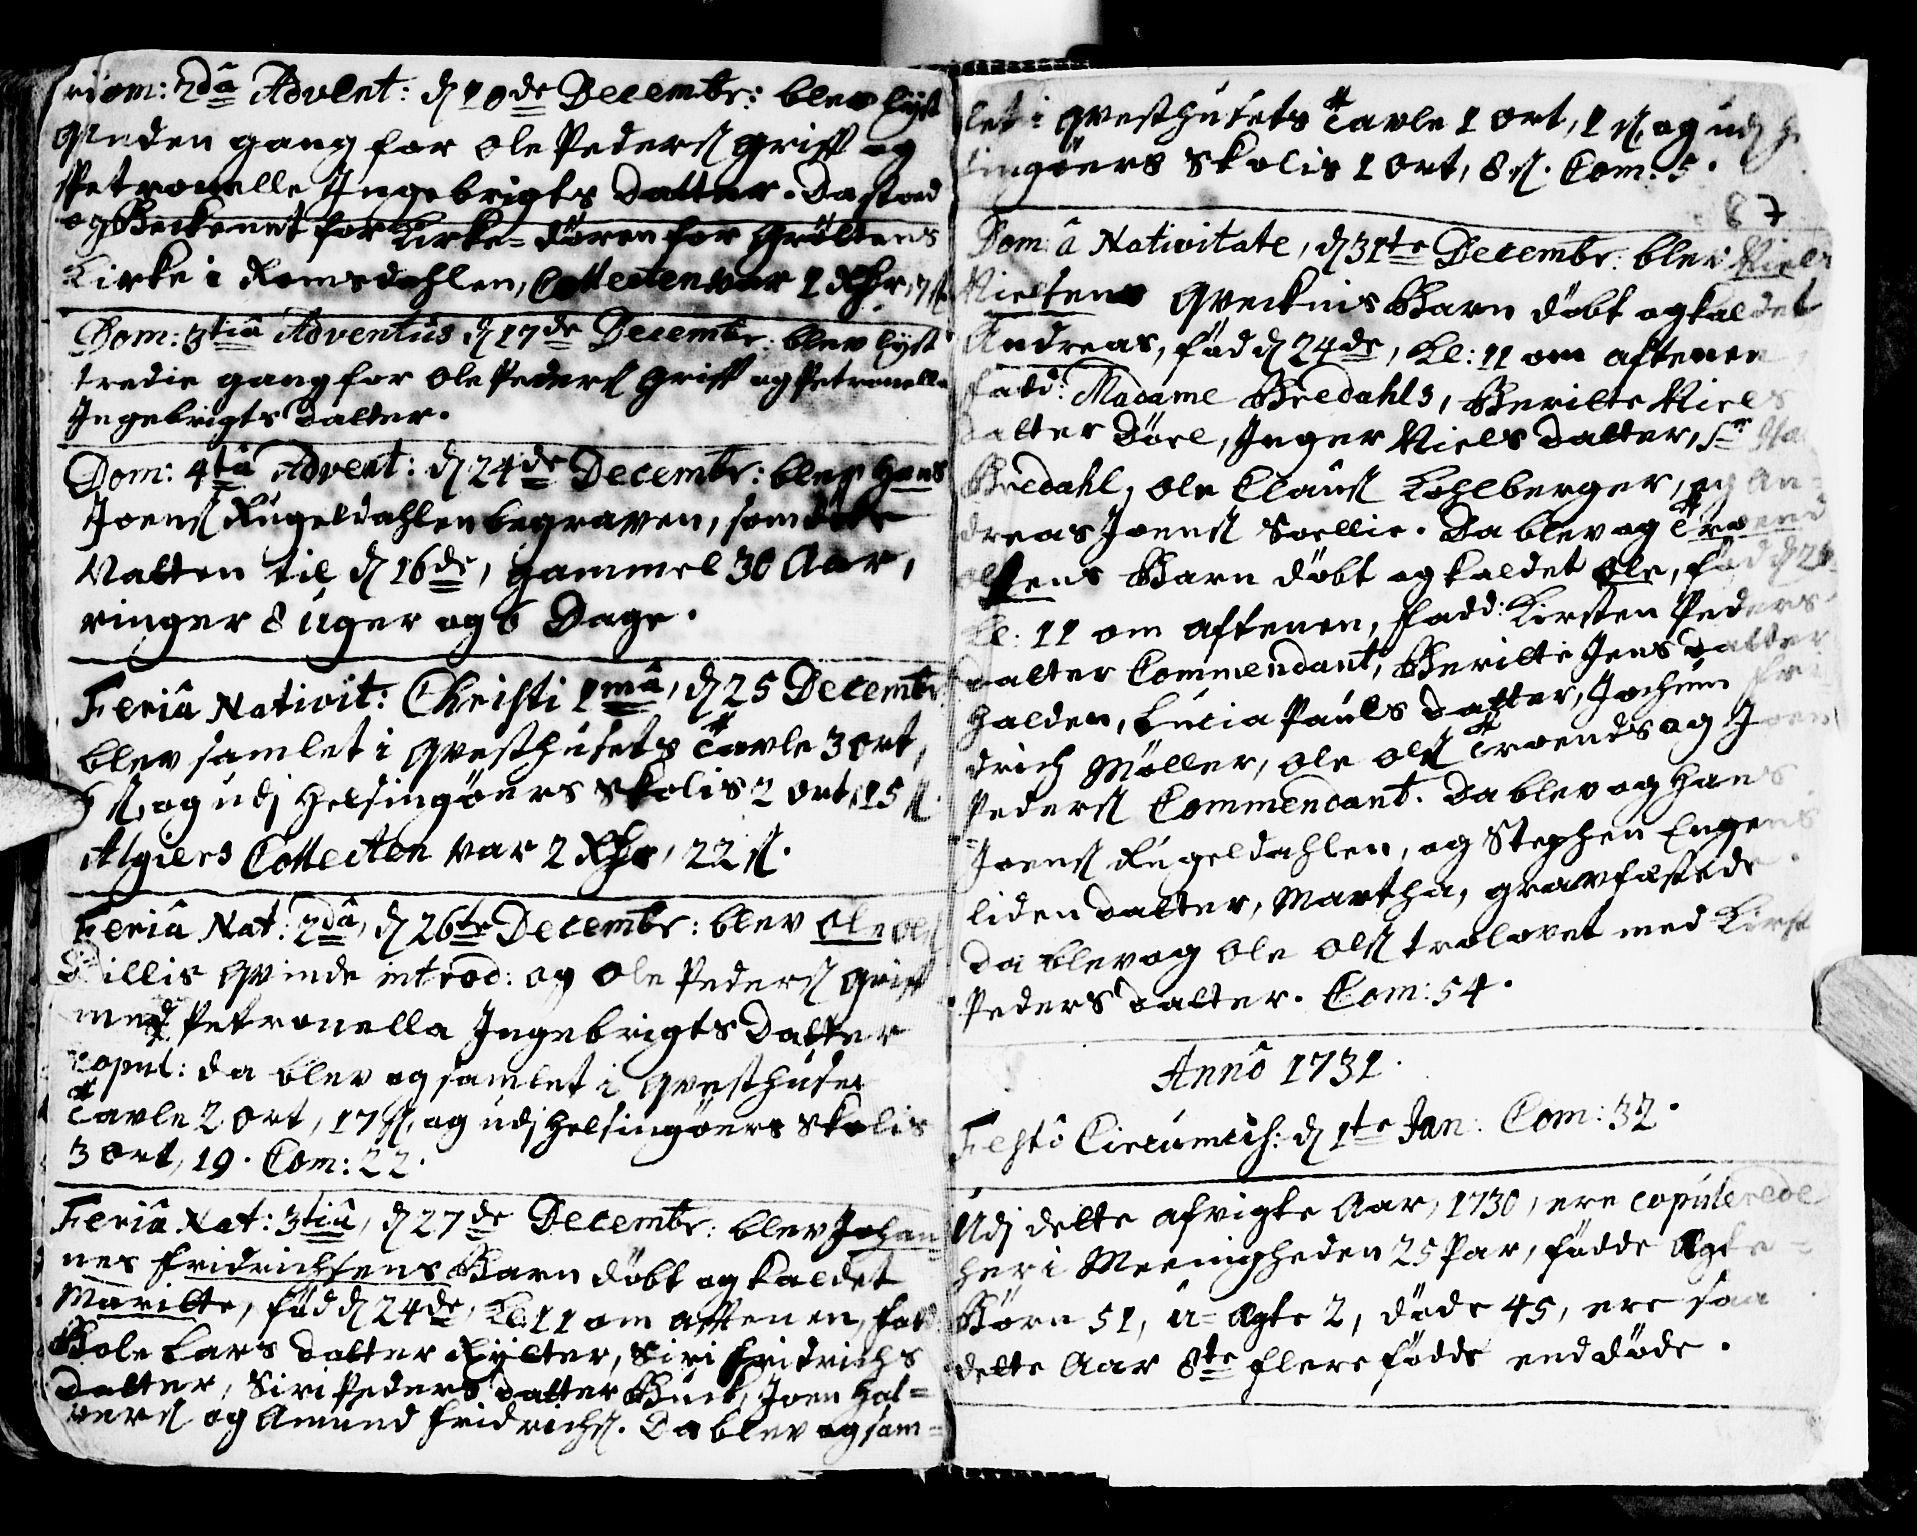 SAT, Ministerialprotokoller, klokkerbøker og fødselsregistre - Sør-Trøndelag, 681/L0924: Ministerialbok nr. 681A02, 1720-1731, s. 286-287